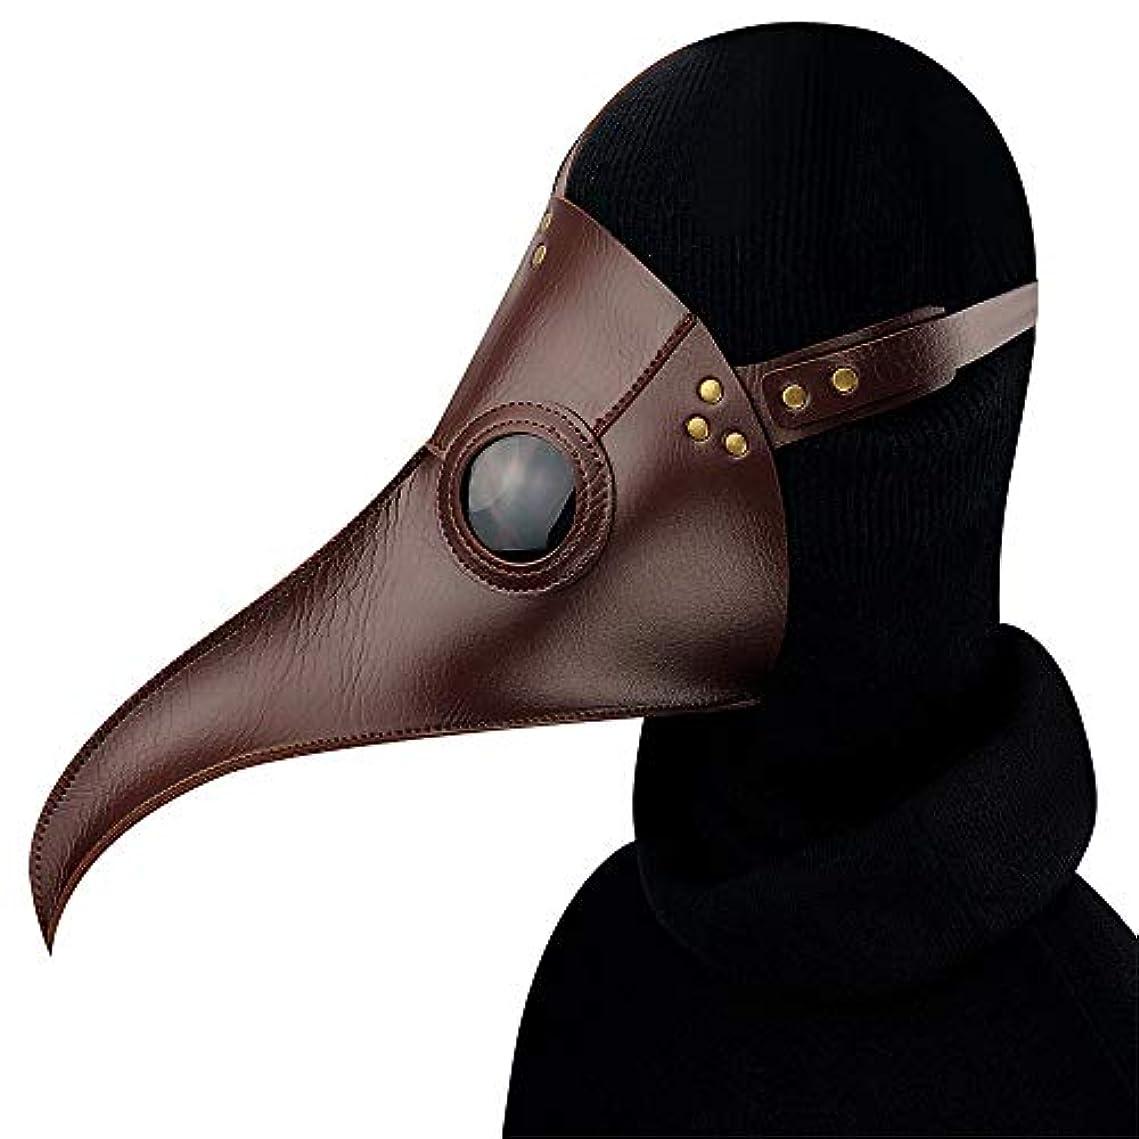 ぺディカブ彫刻順応性のあるブラウンスチームパンクペストロングバード口マスクハロウィンプロップギフトロング鼻バードマスク